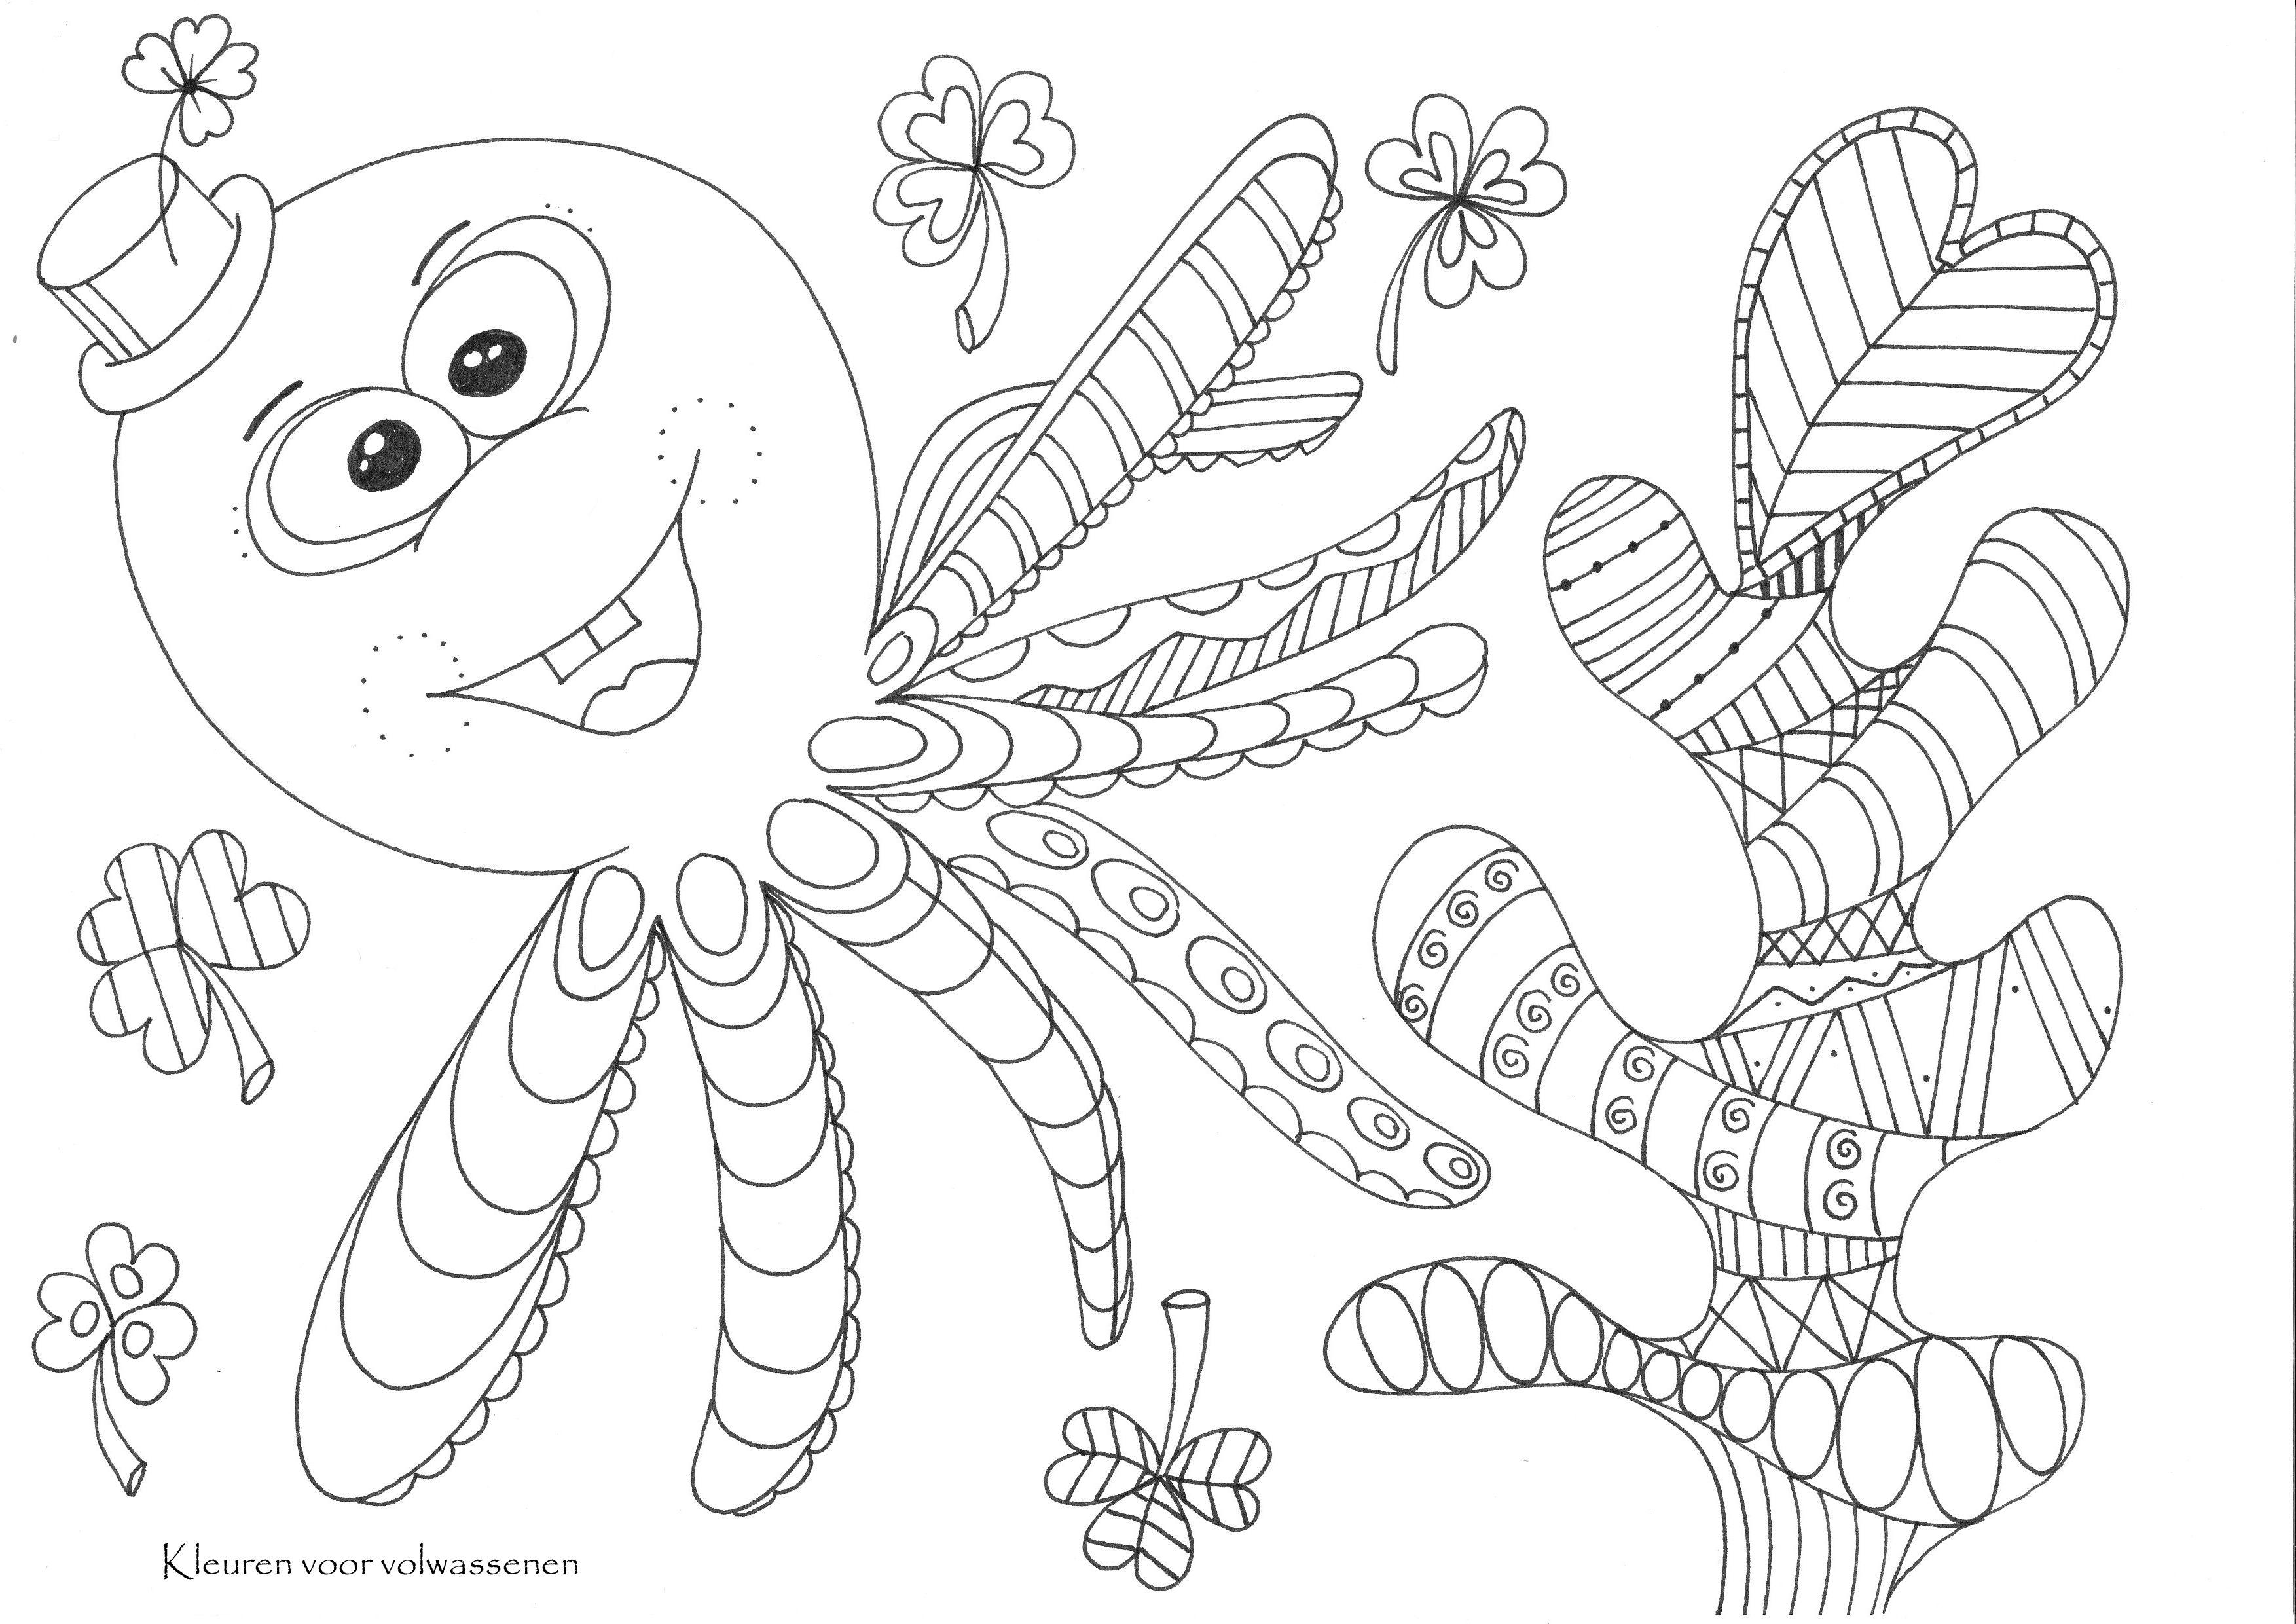 Inktvis Doodle Kleurplaten